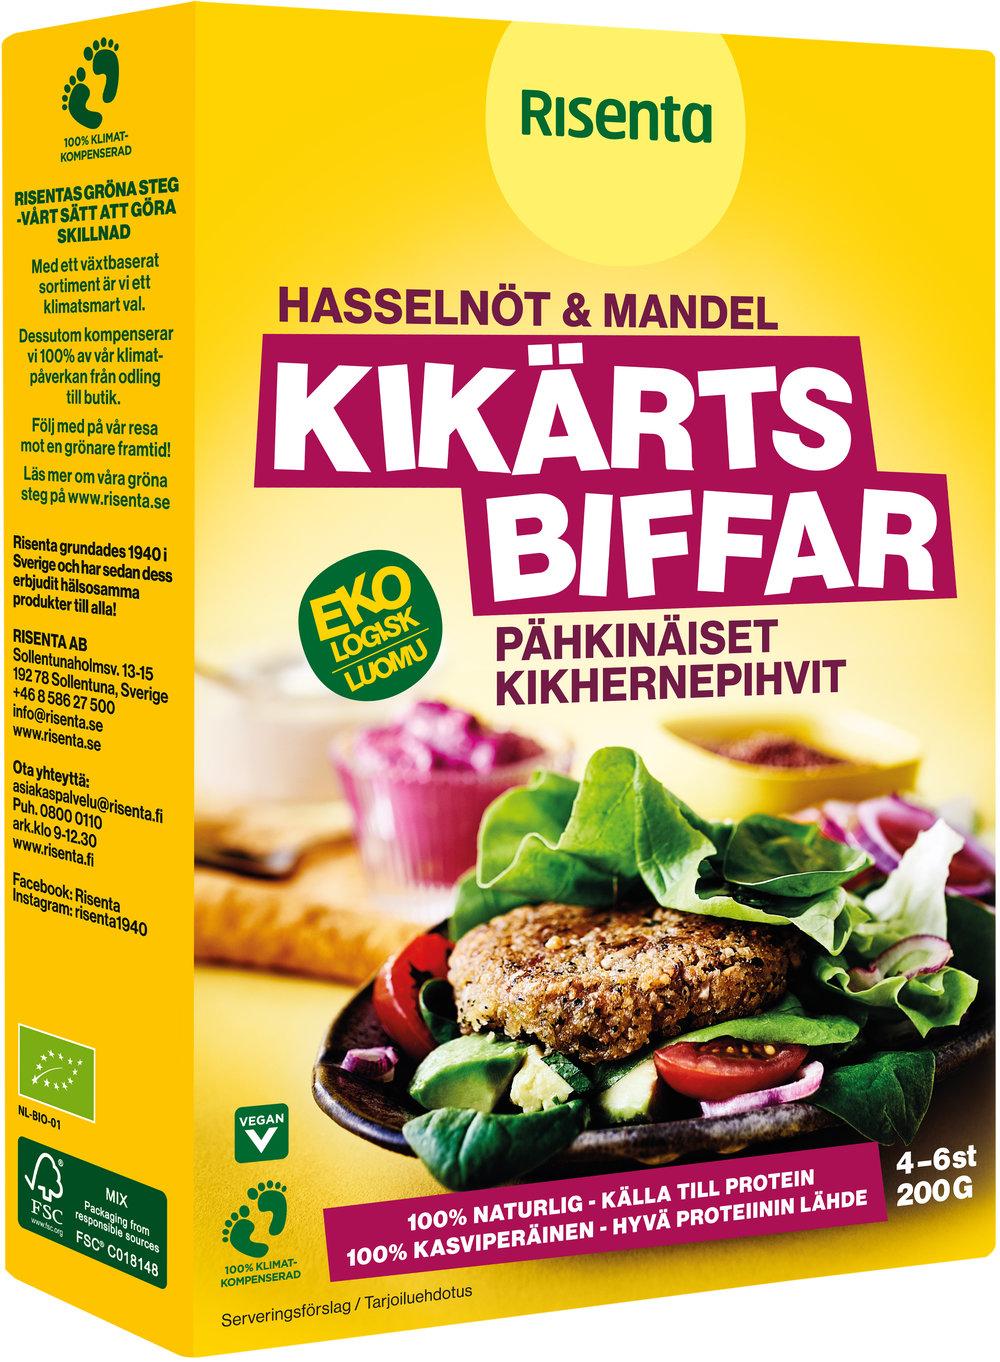 Risenta-Vegorätt-Kikärtsbiffar-Hasselnöt-mandel-200-g-2.jpg